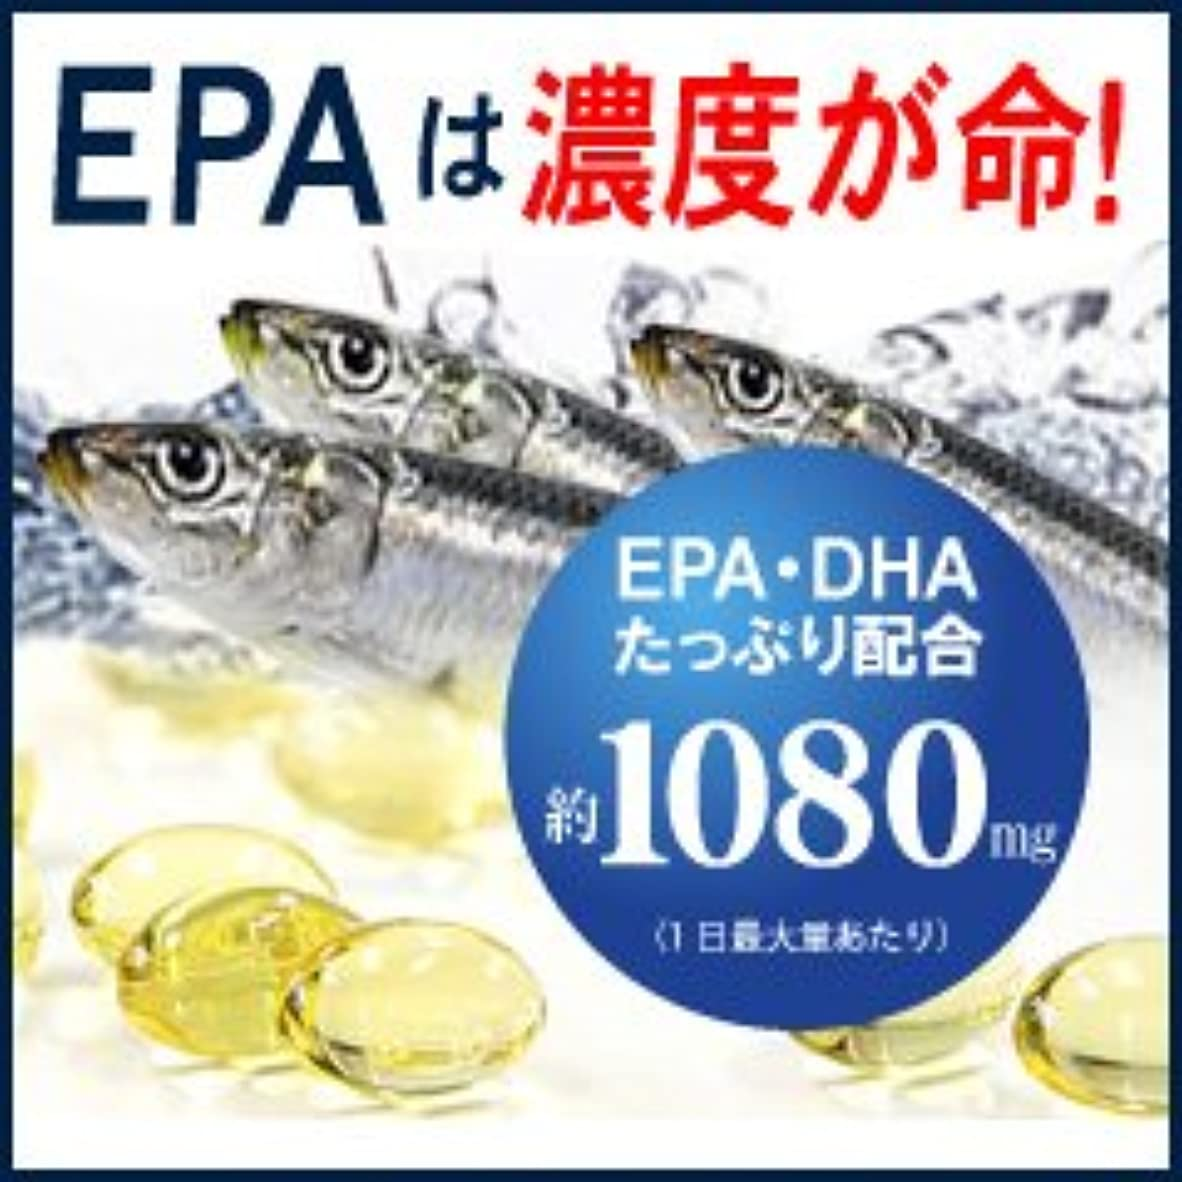 矢印腐敗叫ぶ高濃度EPAサプリの決定版 アレルリボーテ 180錠 オメガ3系不飽和脂肪酸 EPA/DHA高含有